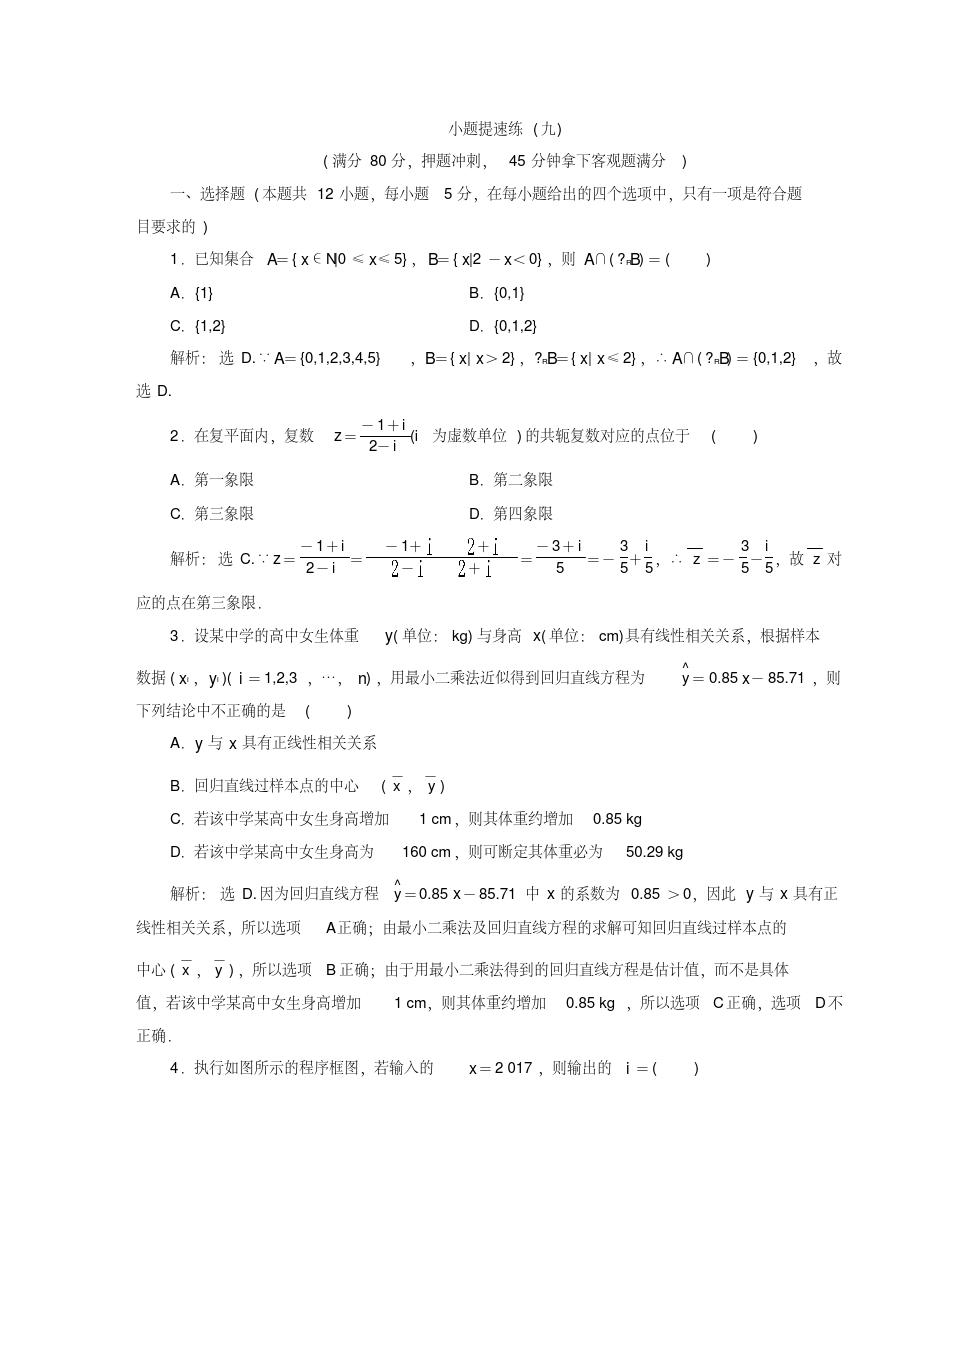 2018届高考数学(文)二轮专题复习习题:第5部分小题提速练519含答案